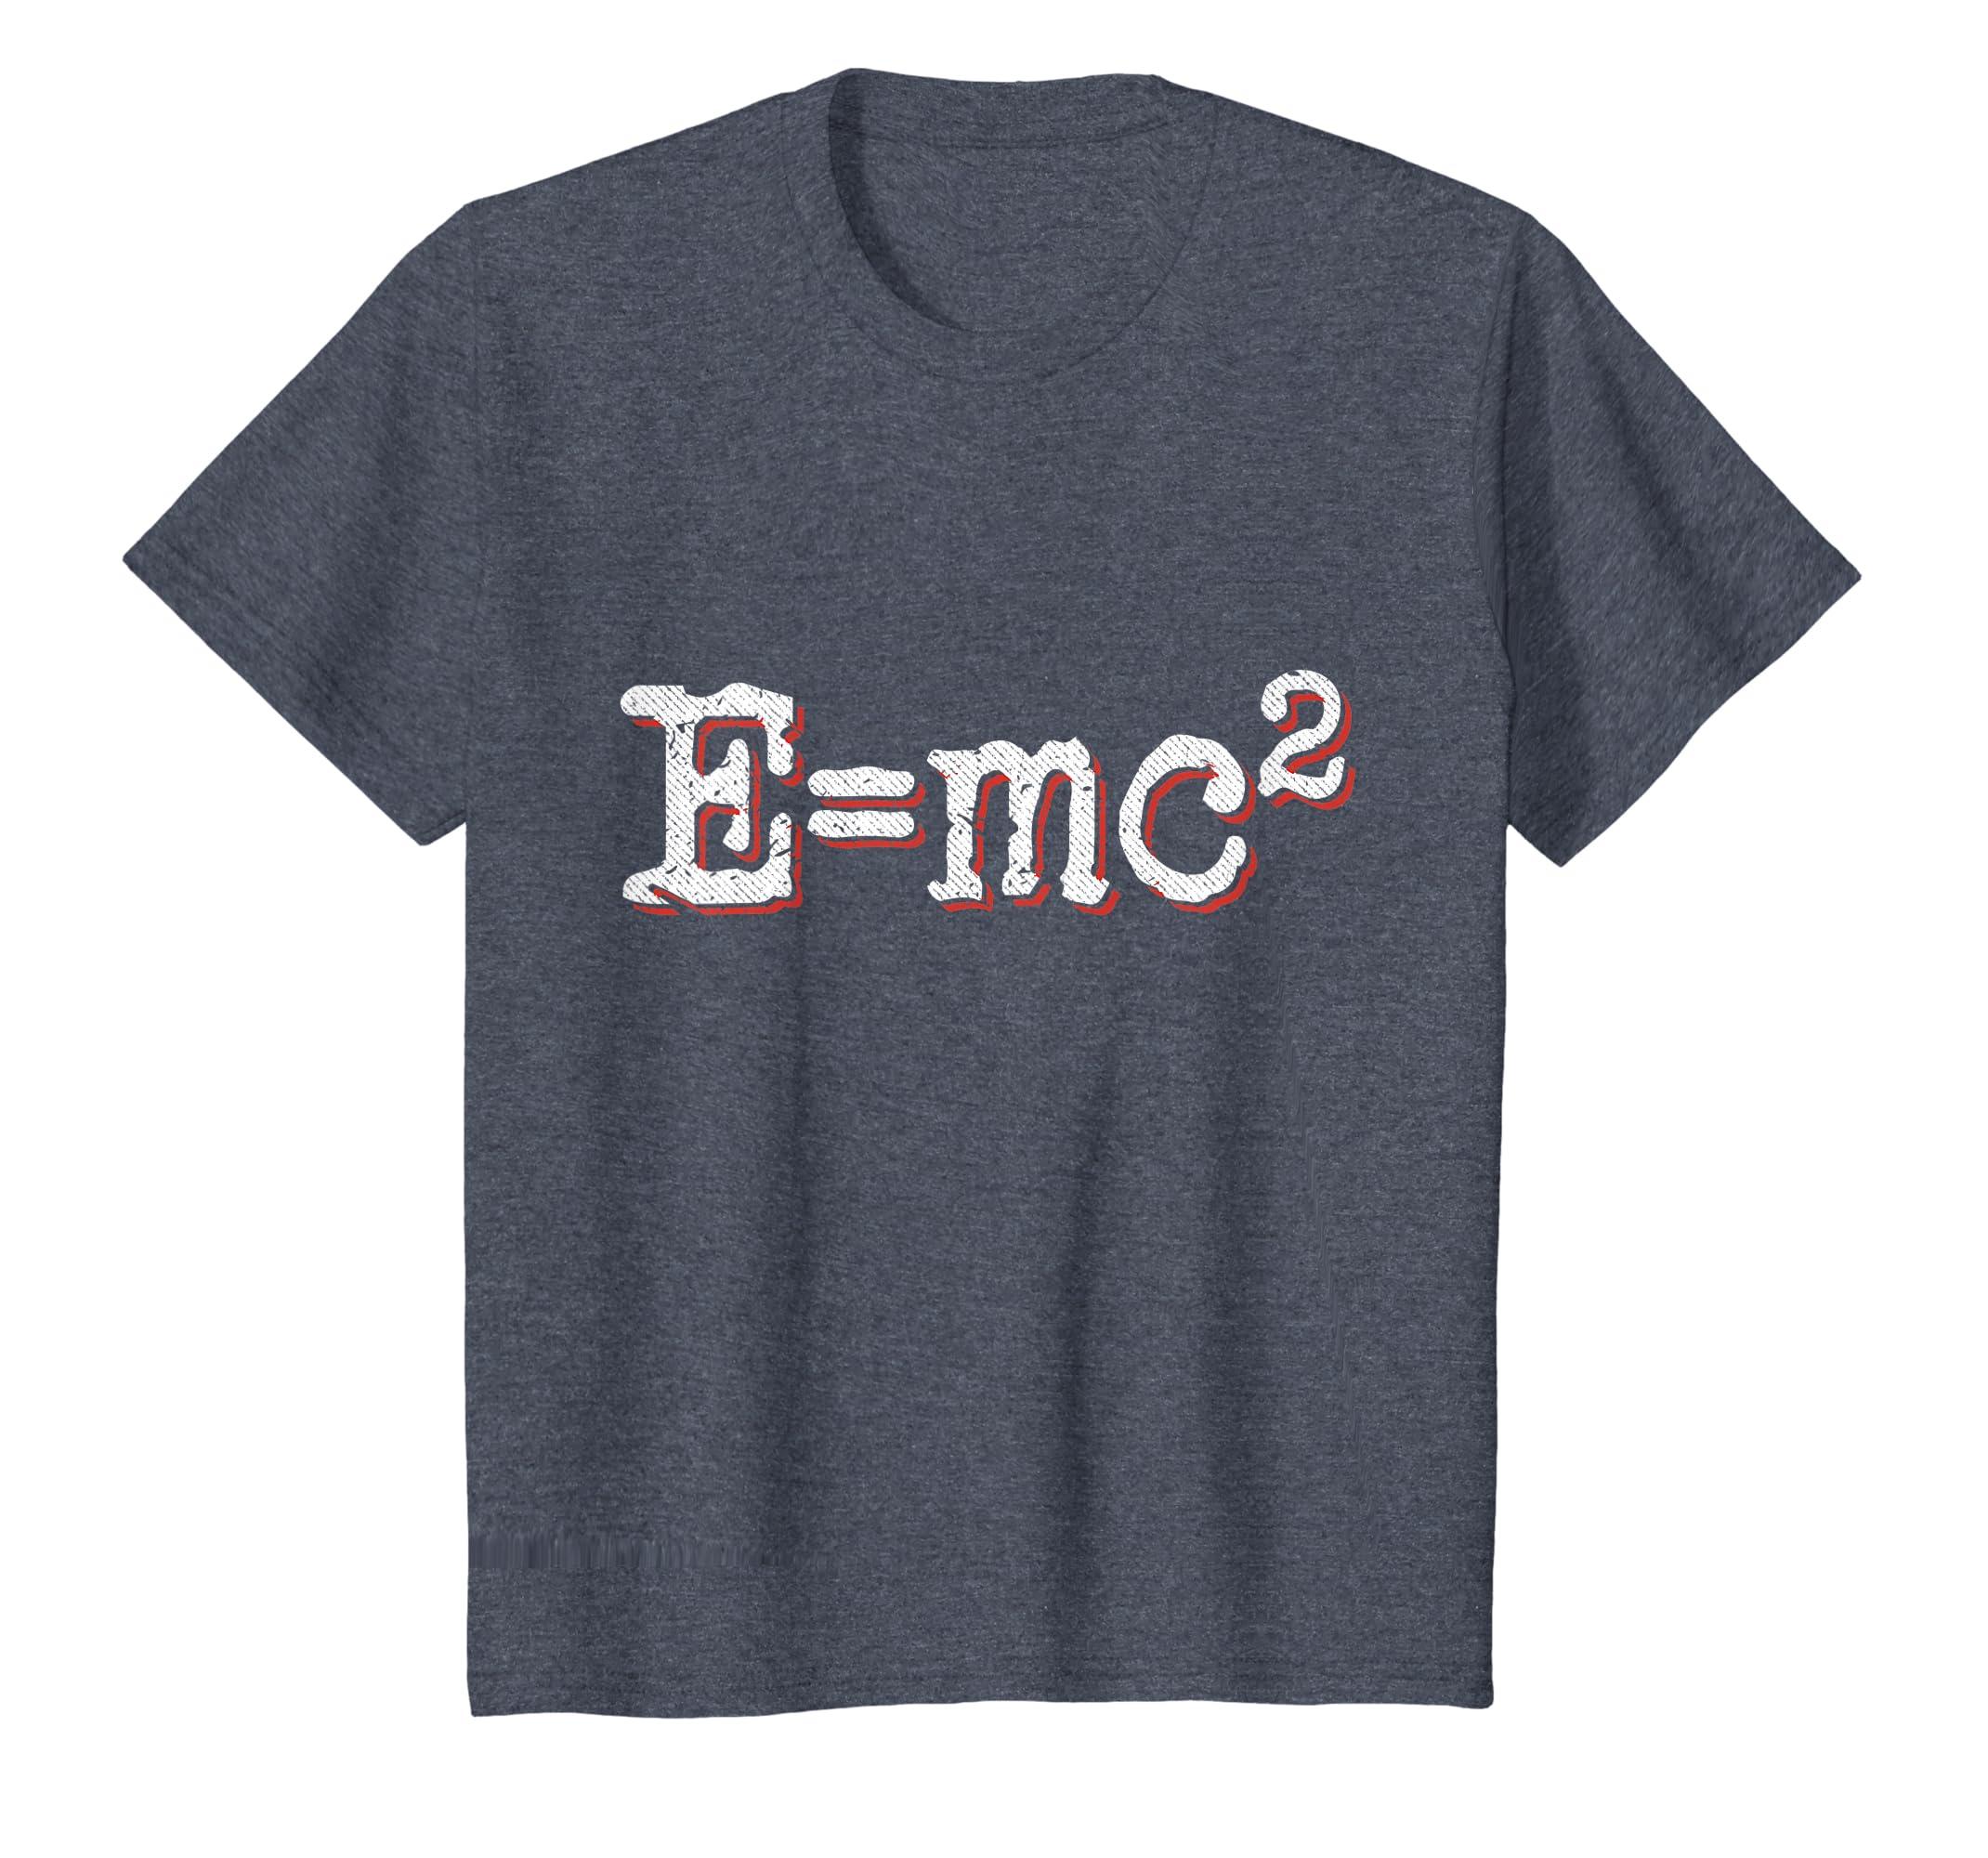 e175d5b7 Amazon.com: E=MC2 T-shirt: Clothing